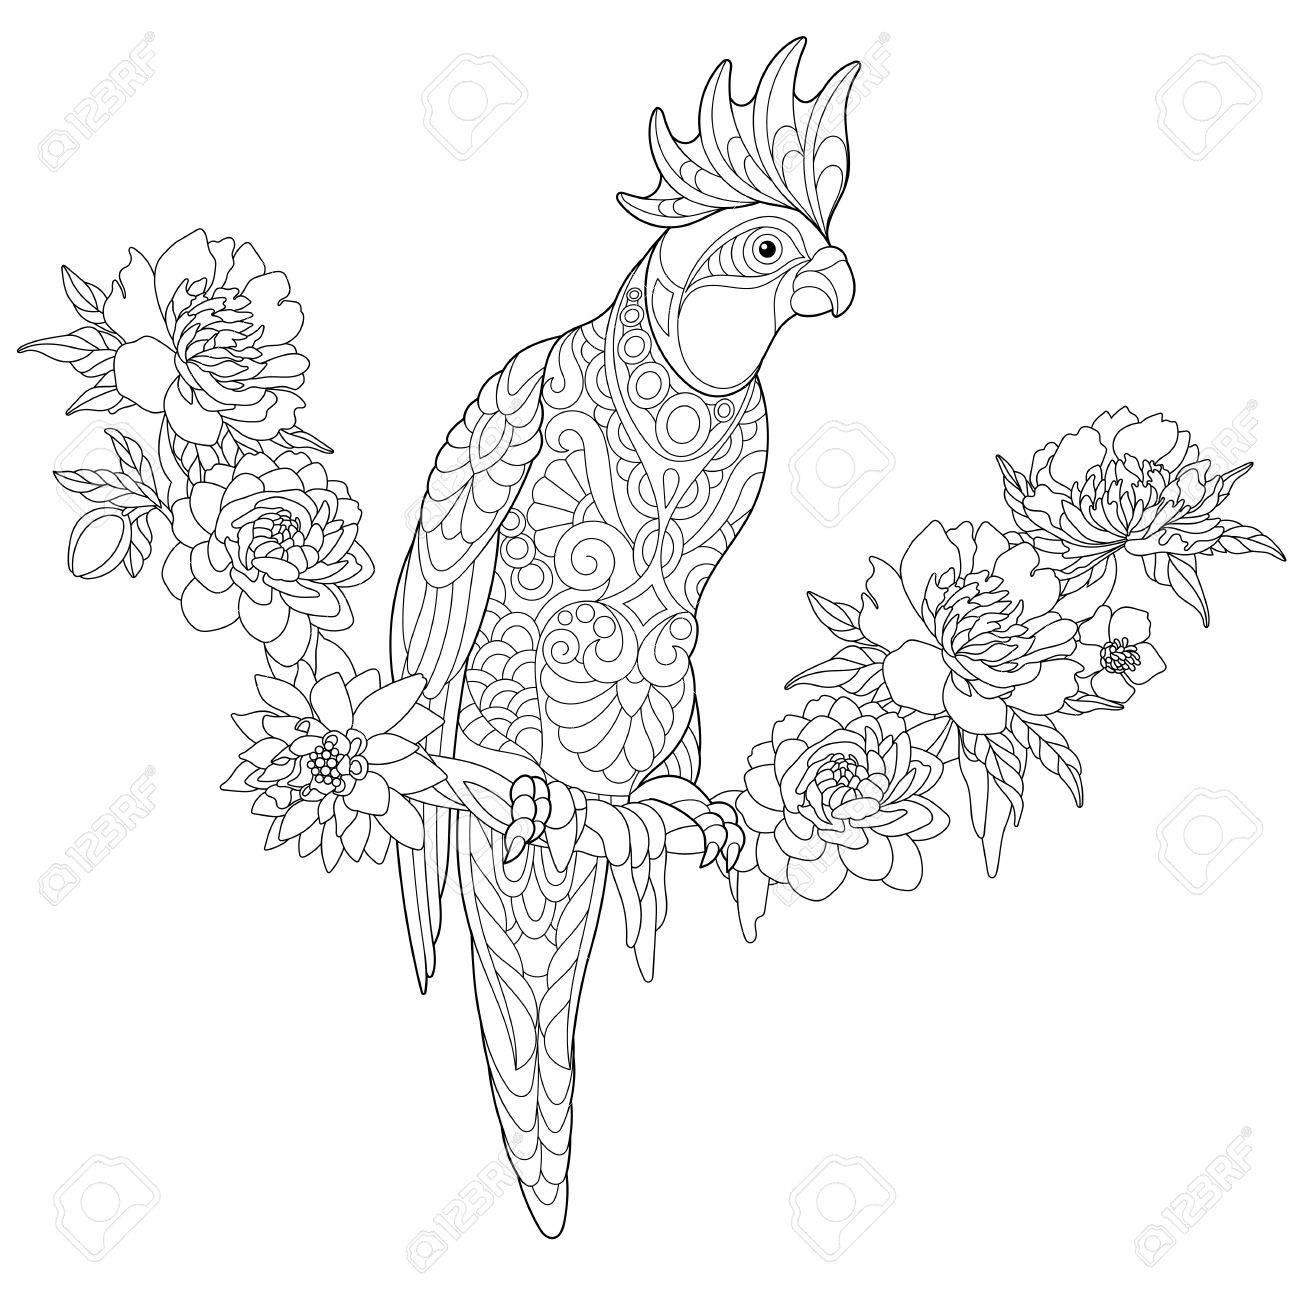 Malvorlage Von Cockatoo Papagei Sitzt Auf Tropische Liane Mit Blumen ...